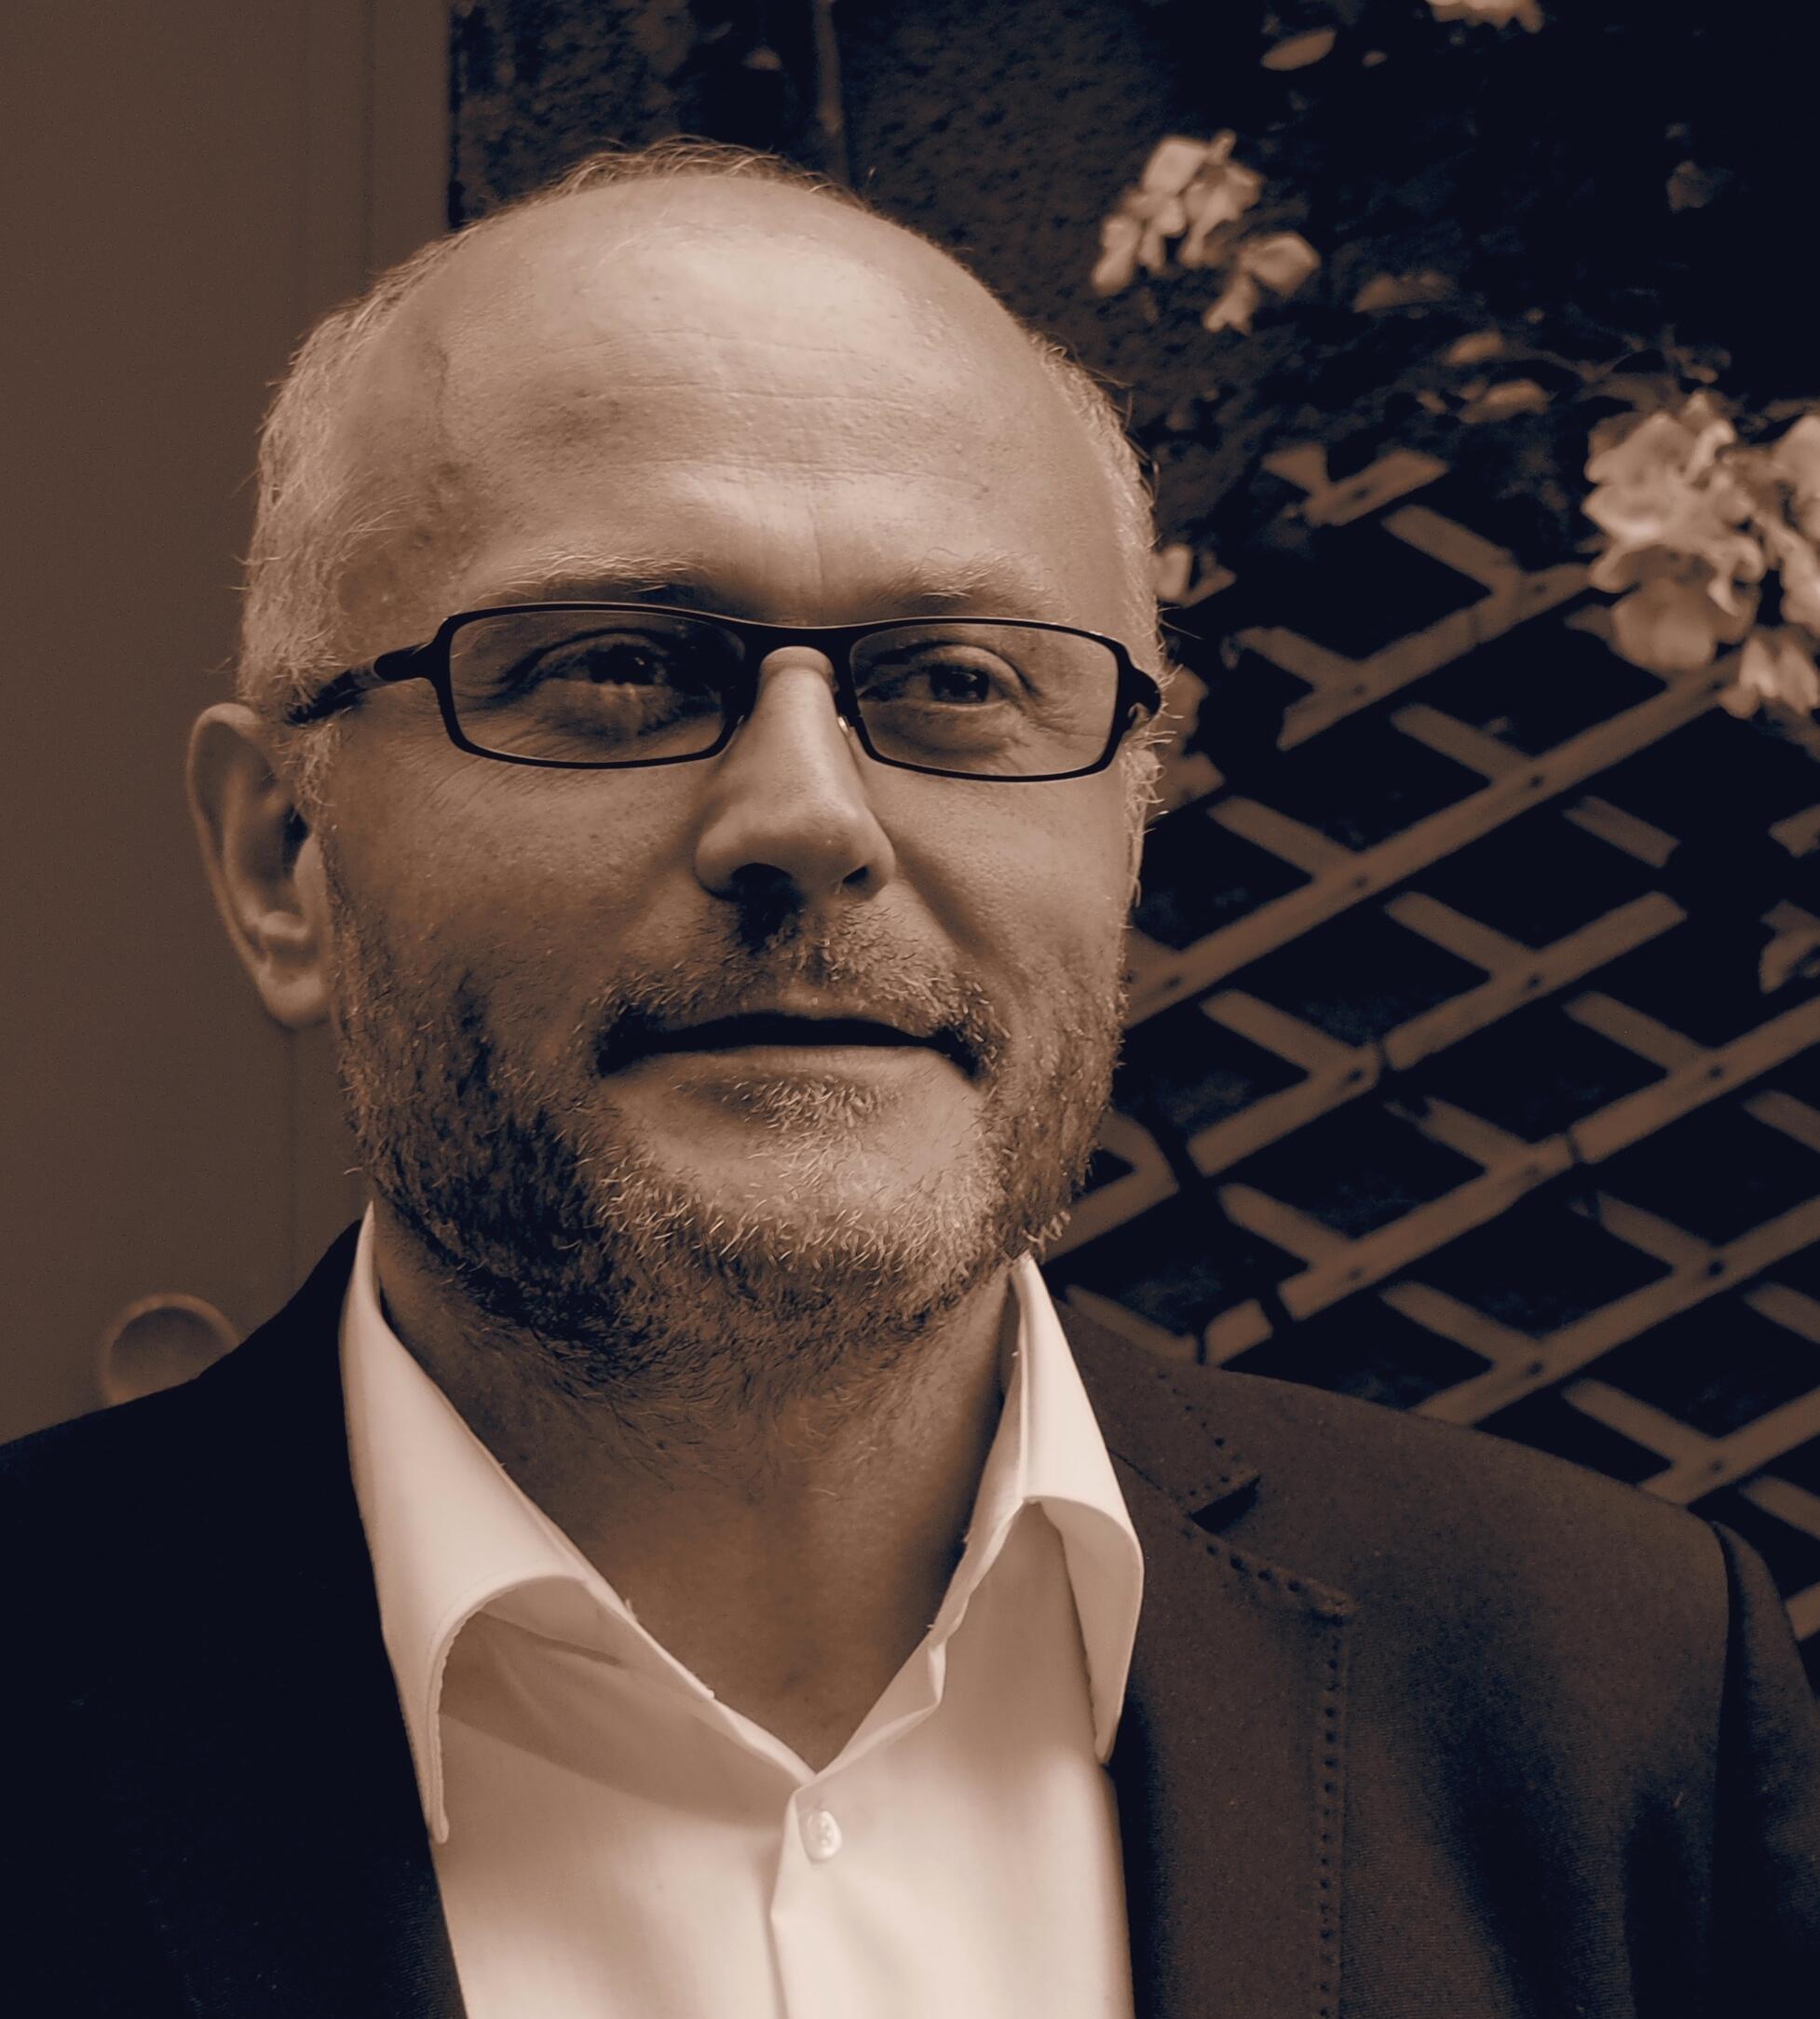 Christian Reboul, L'un des responsables d'Oxfam, l'ONG qui lutte contre la pauvreté dans le monde.